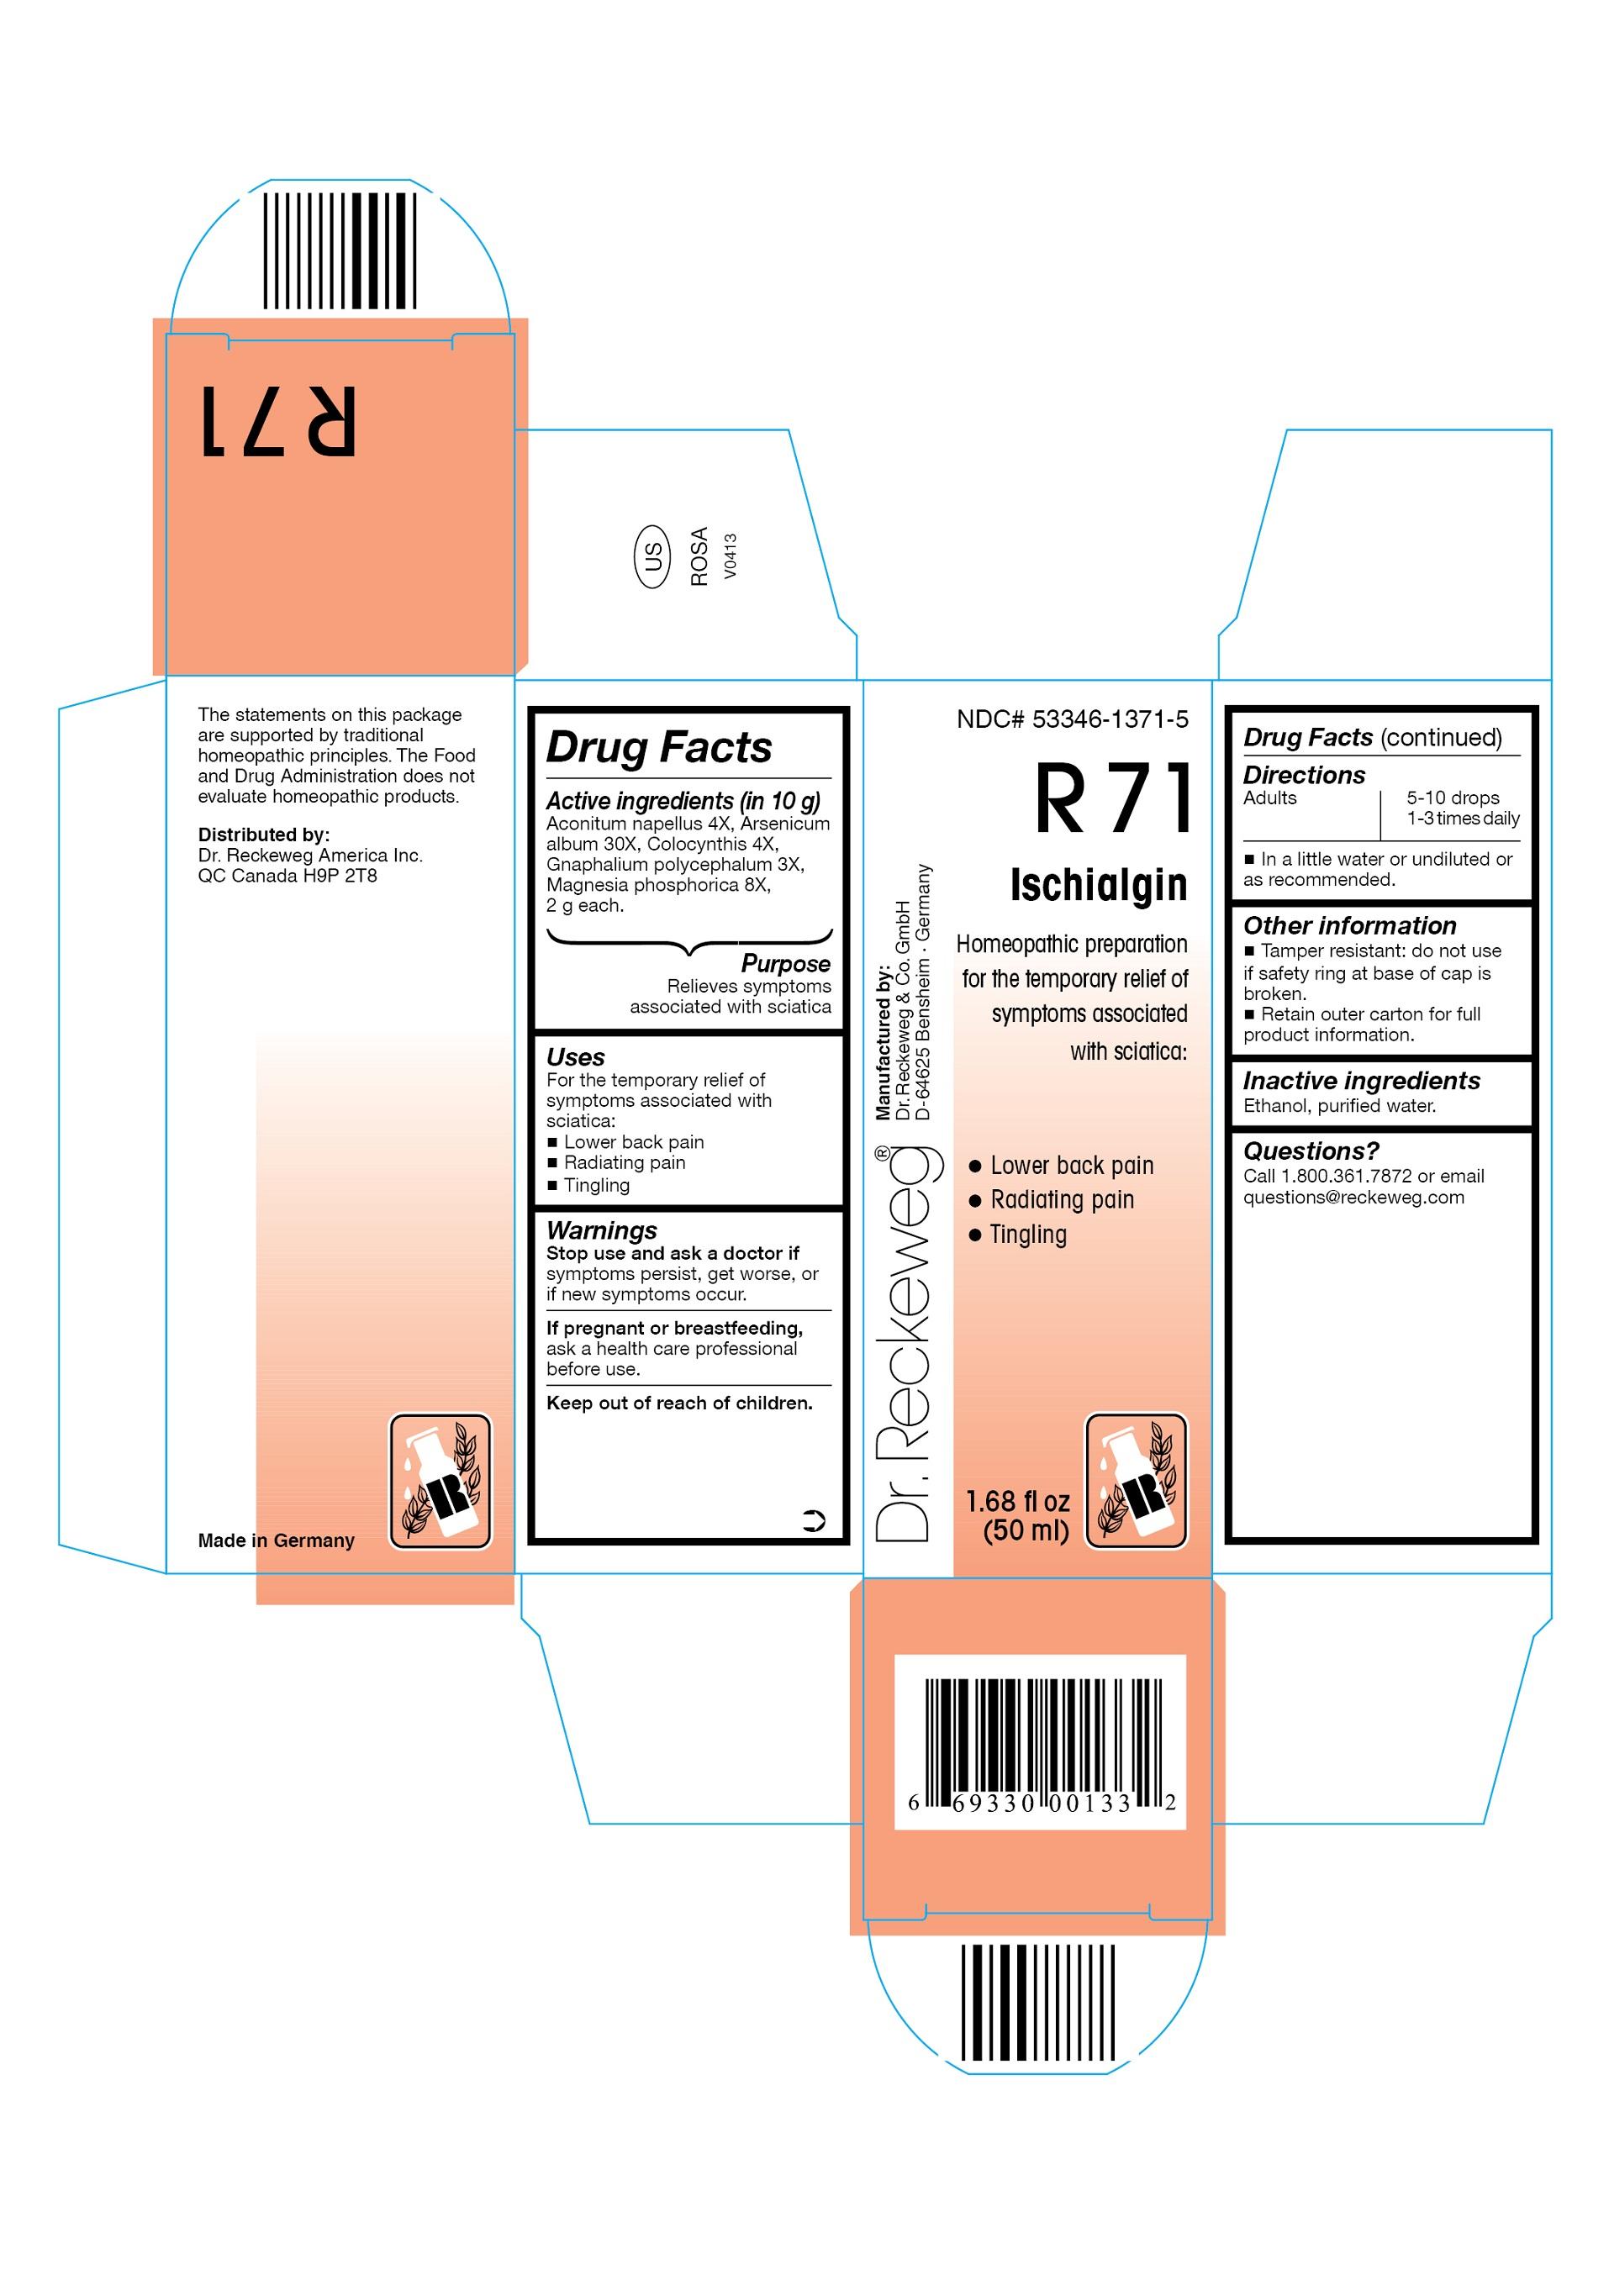 Dr. Reckeweg R71 Ischialgin Combination Product (Aconitum Napellus 4x, Arsenicum Album 30x, Colocynthis 4x, Gnaphalium Polycephalum 3x, Magnesia Phosphorica 8x) Liquid [Pharmazeutische Fabrik Dr. Reckeweg & Co]